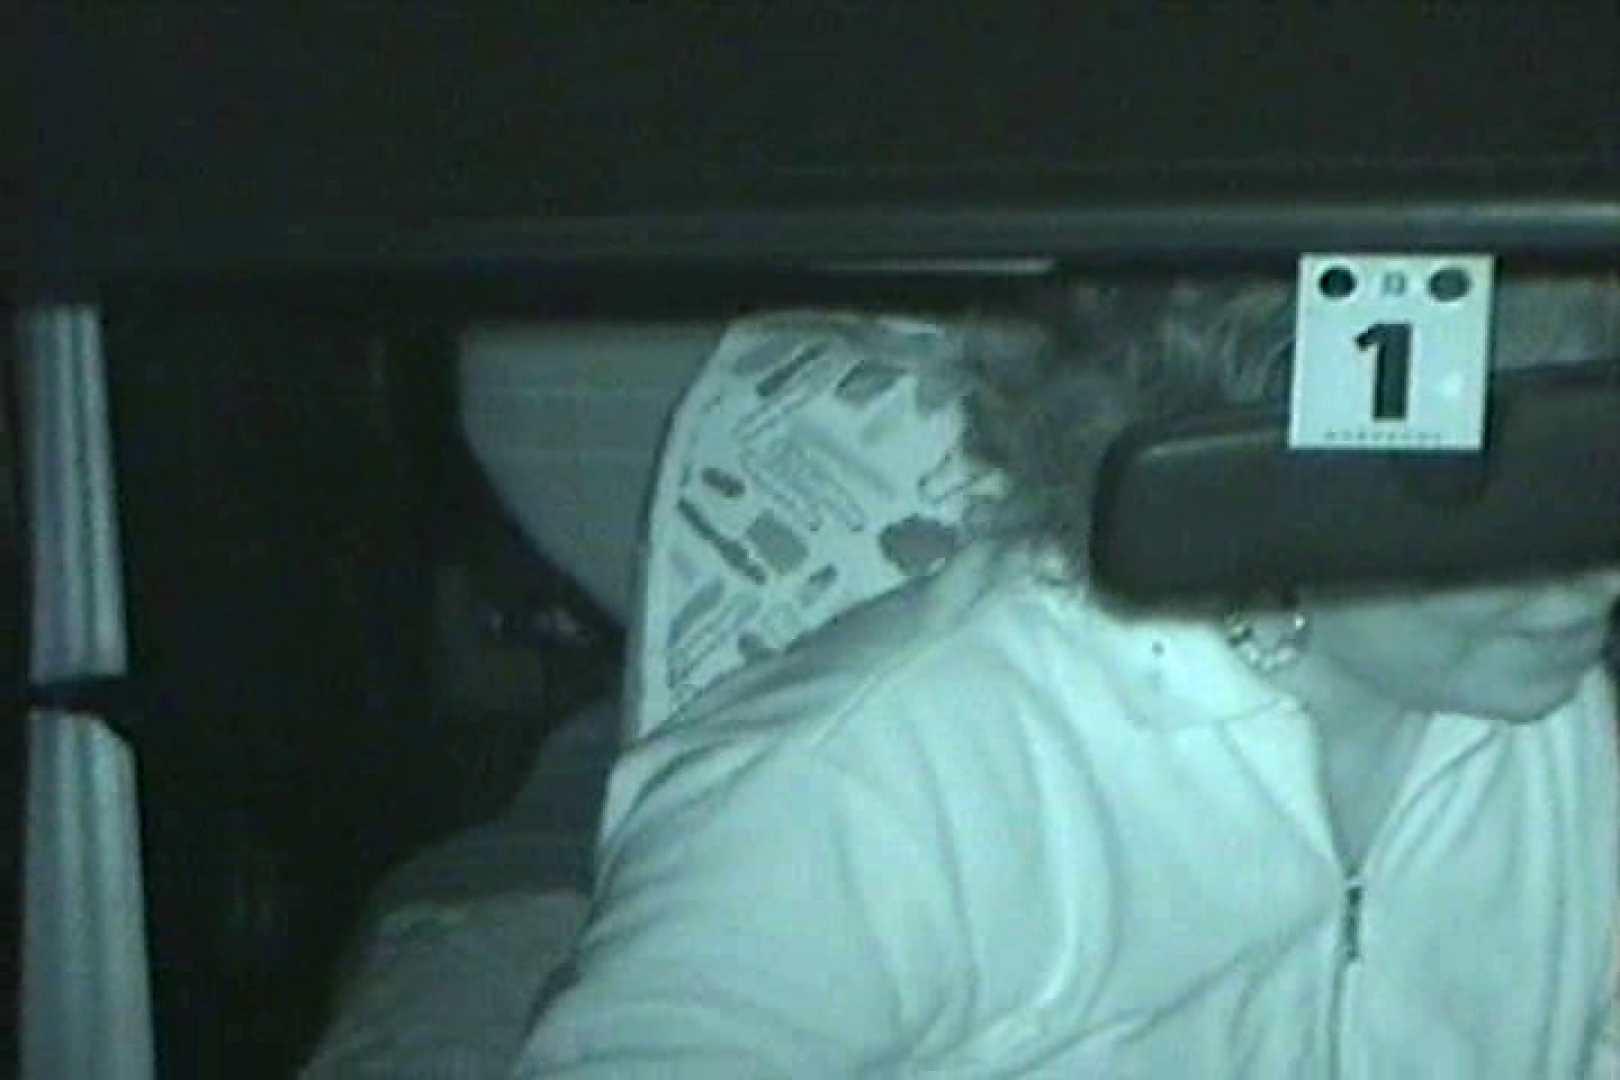 車の中はラブホテル 無修正版  Vol.24 素人はめどり ワレメ動画紹介 102画像 95